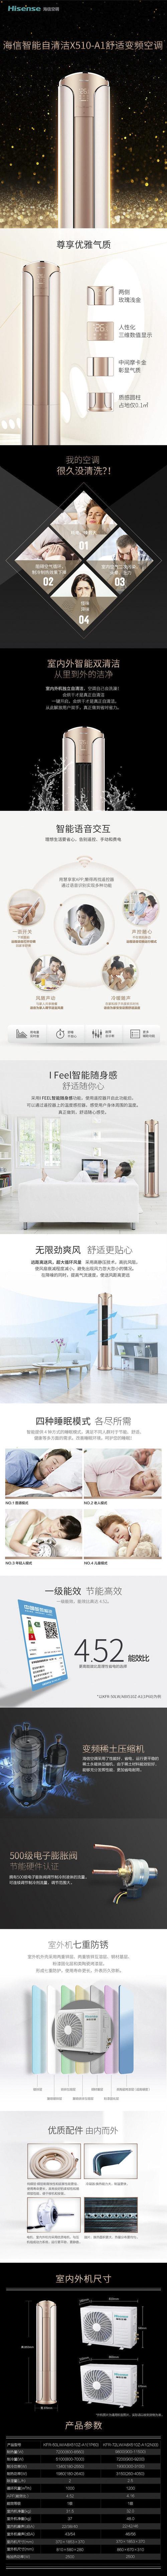 昆明海信智能自清洁X510-A1舒适变频空调